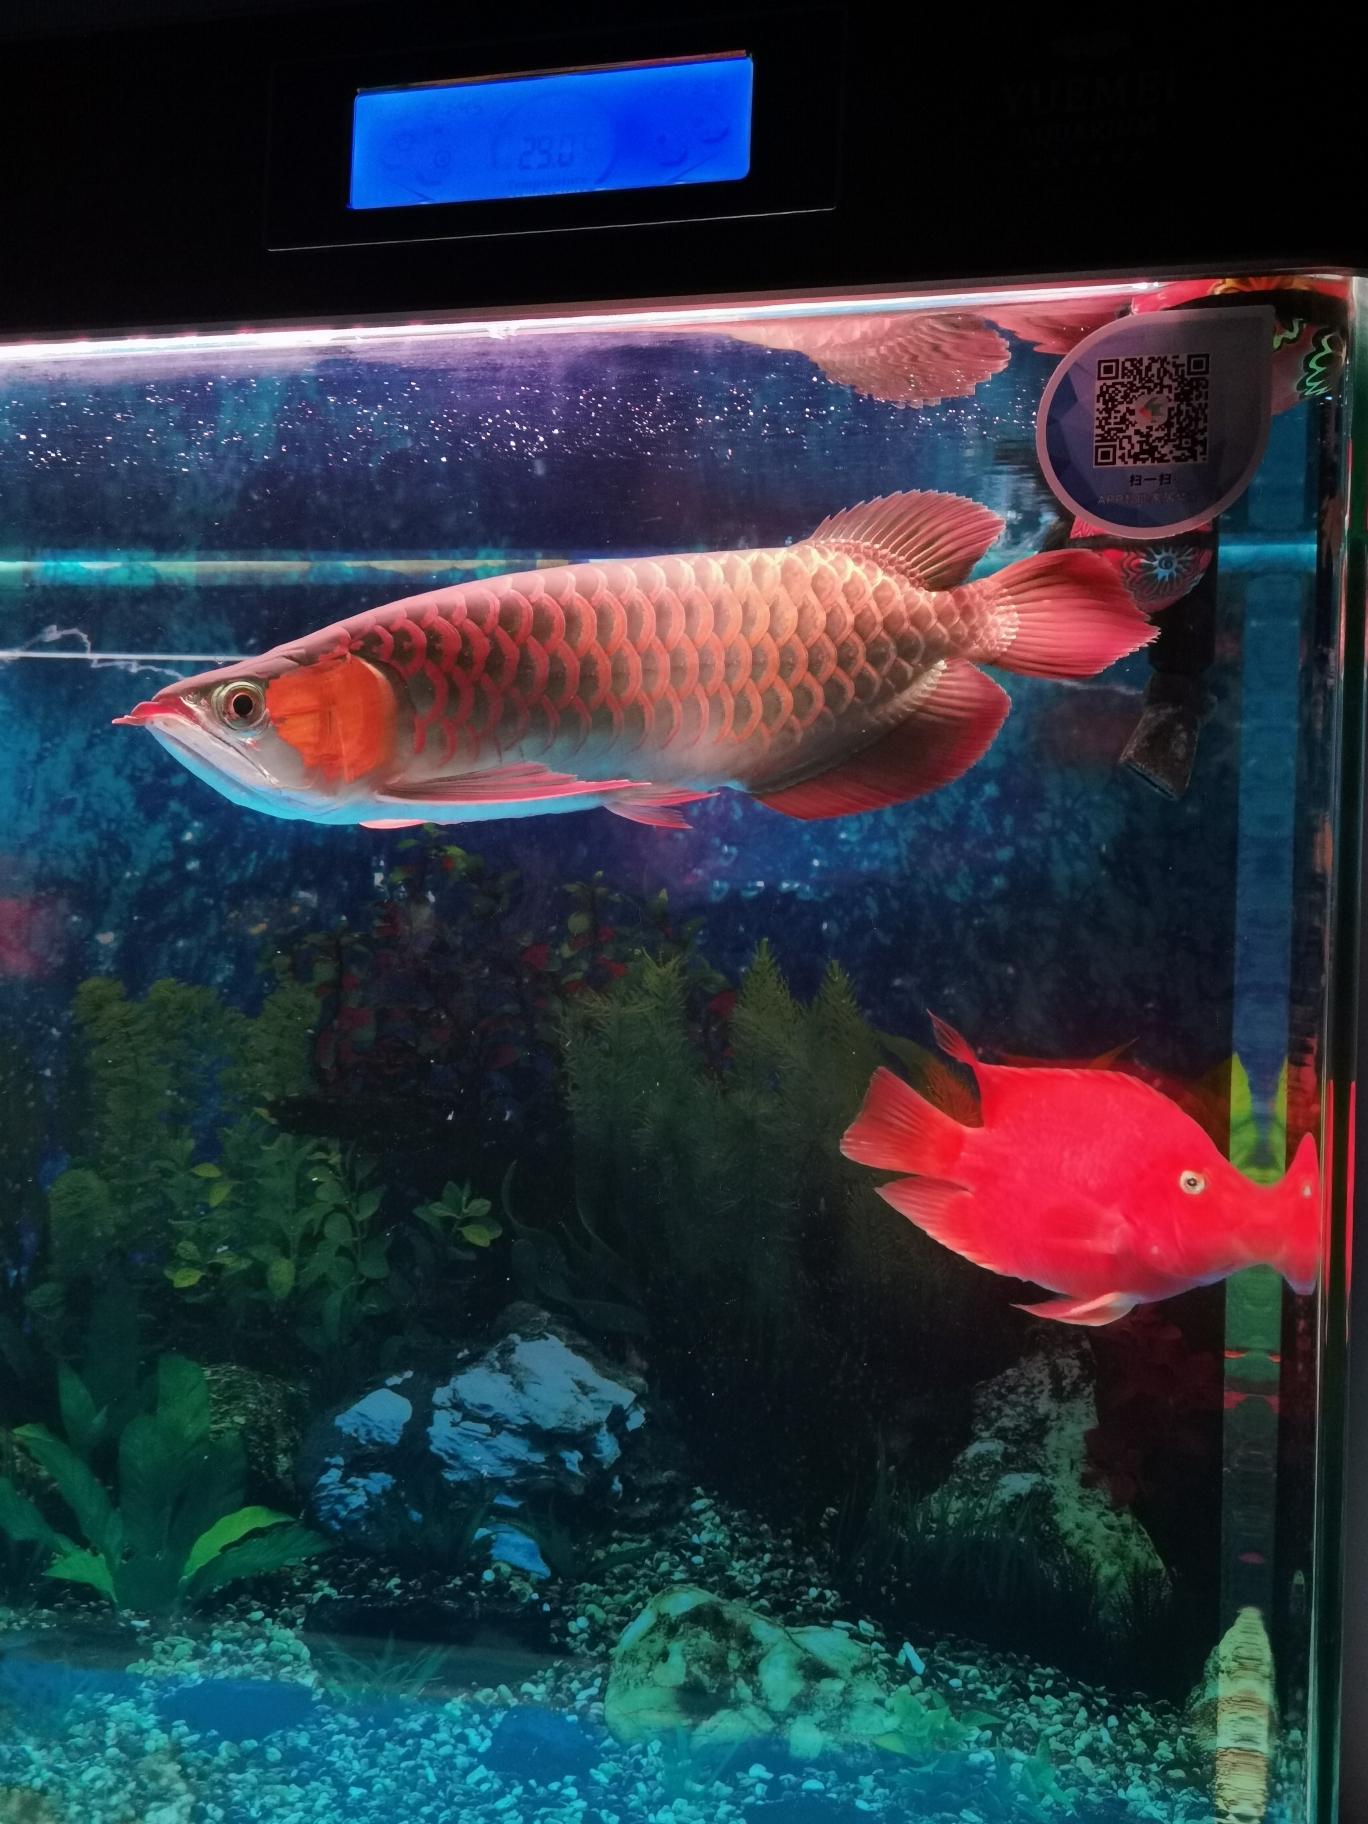 哈尔滨哪卖观赏鱼不喜欢吃冷冻蝗虫 哈尔滨水族批发市场 哈尔滨龙鱼第2张